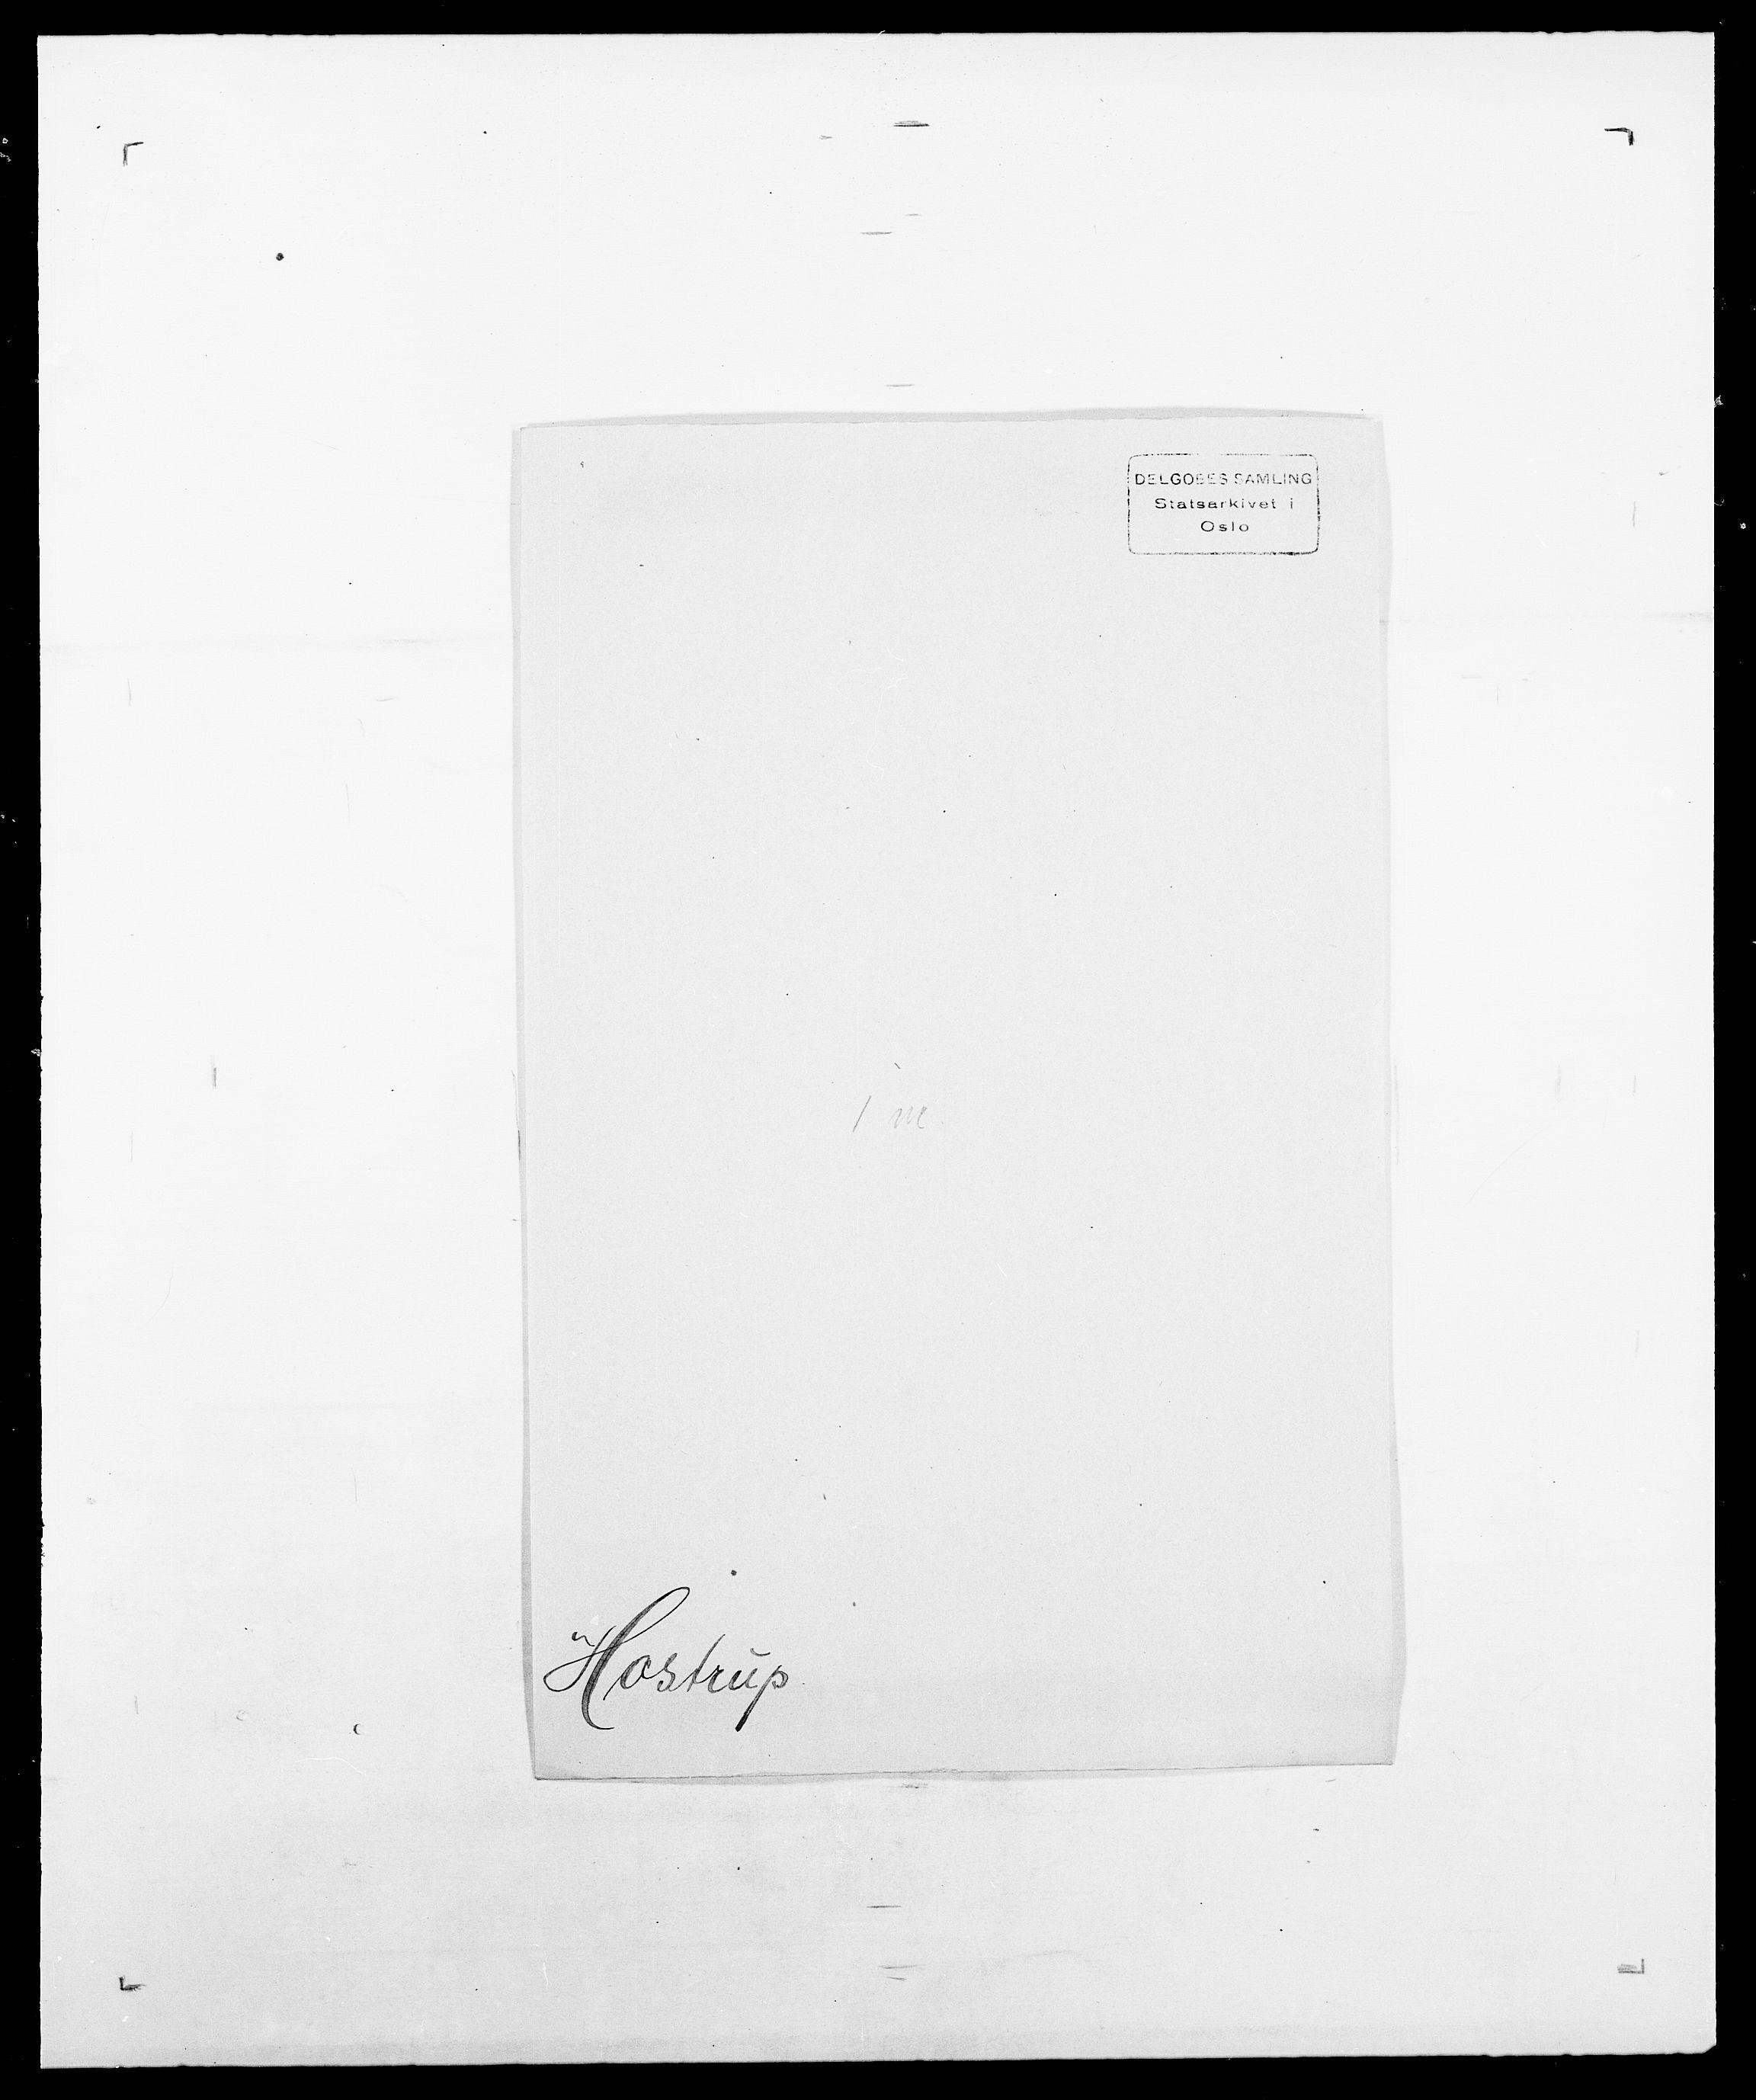 SAO, Delgobe, Charles Antoine - samling, D/Da/L0018: Hoch - Howert, s. 1004